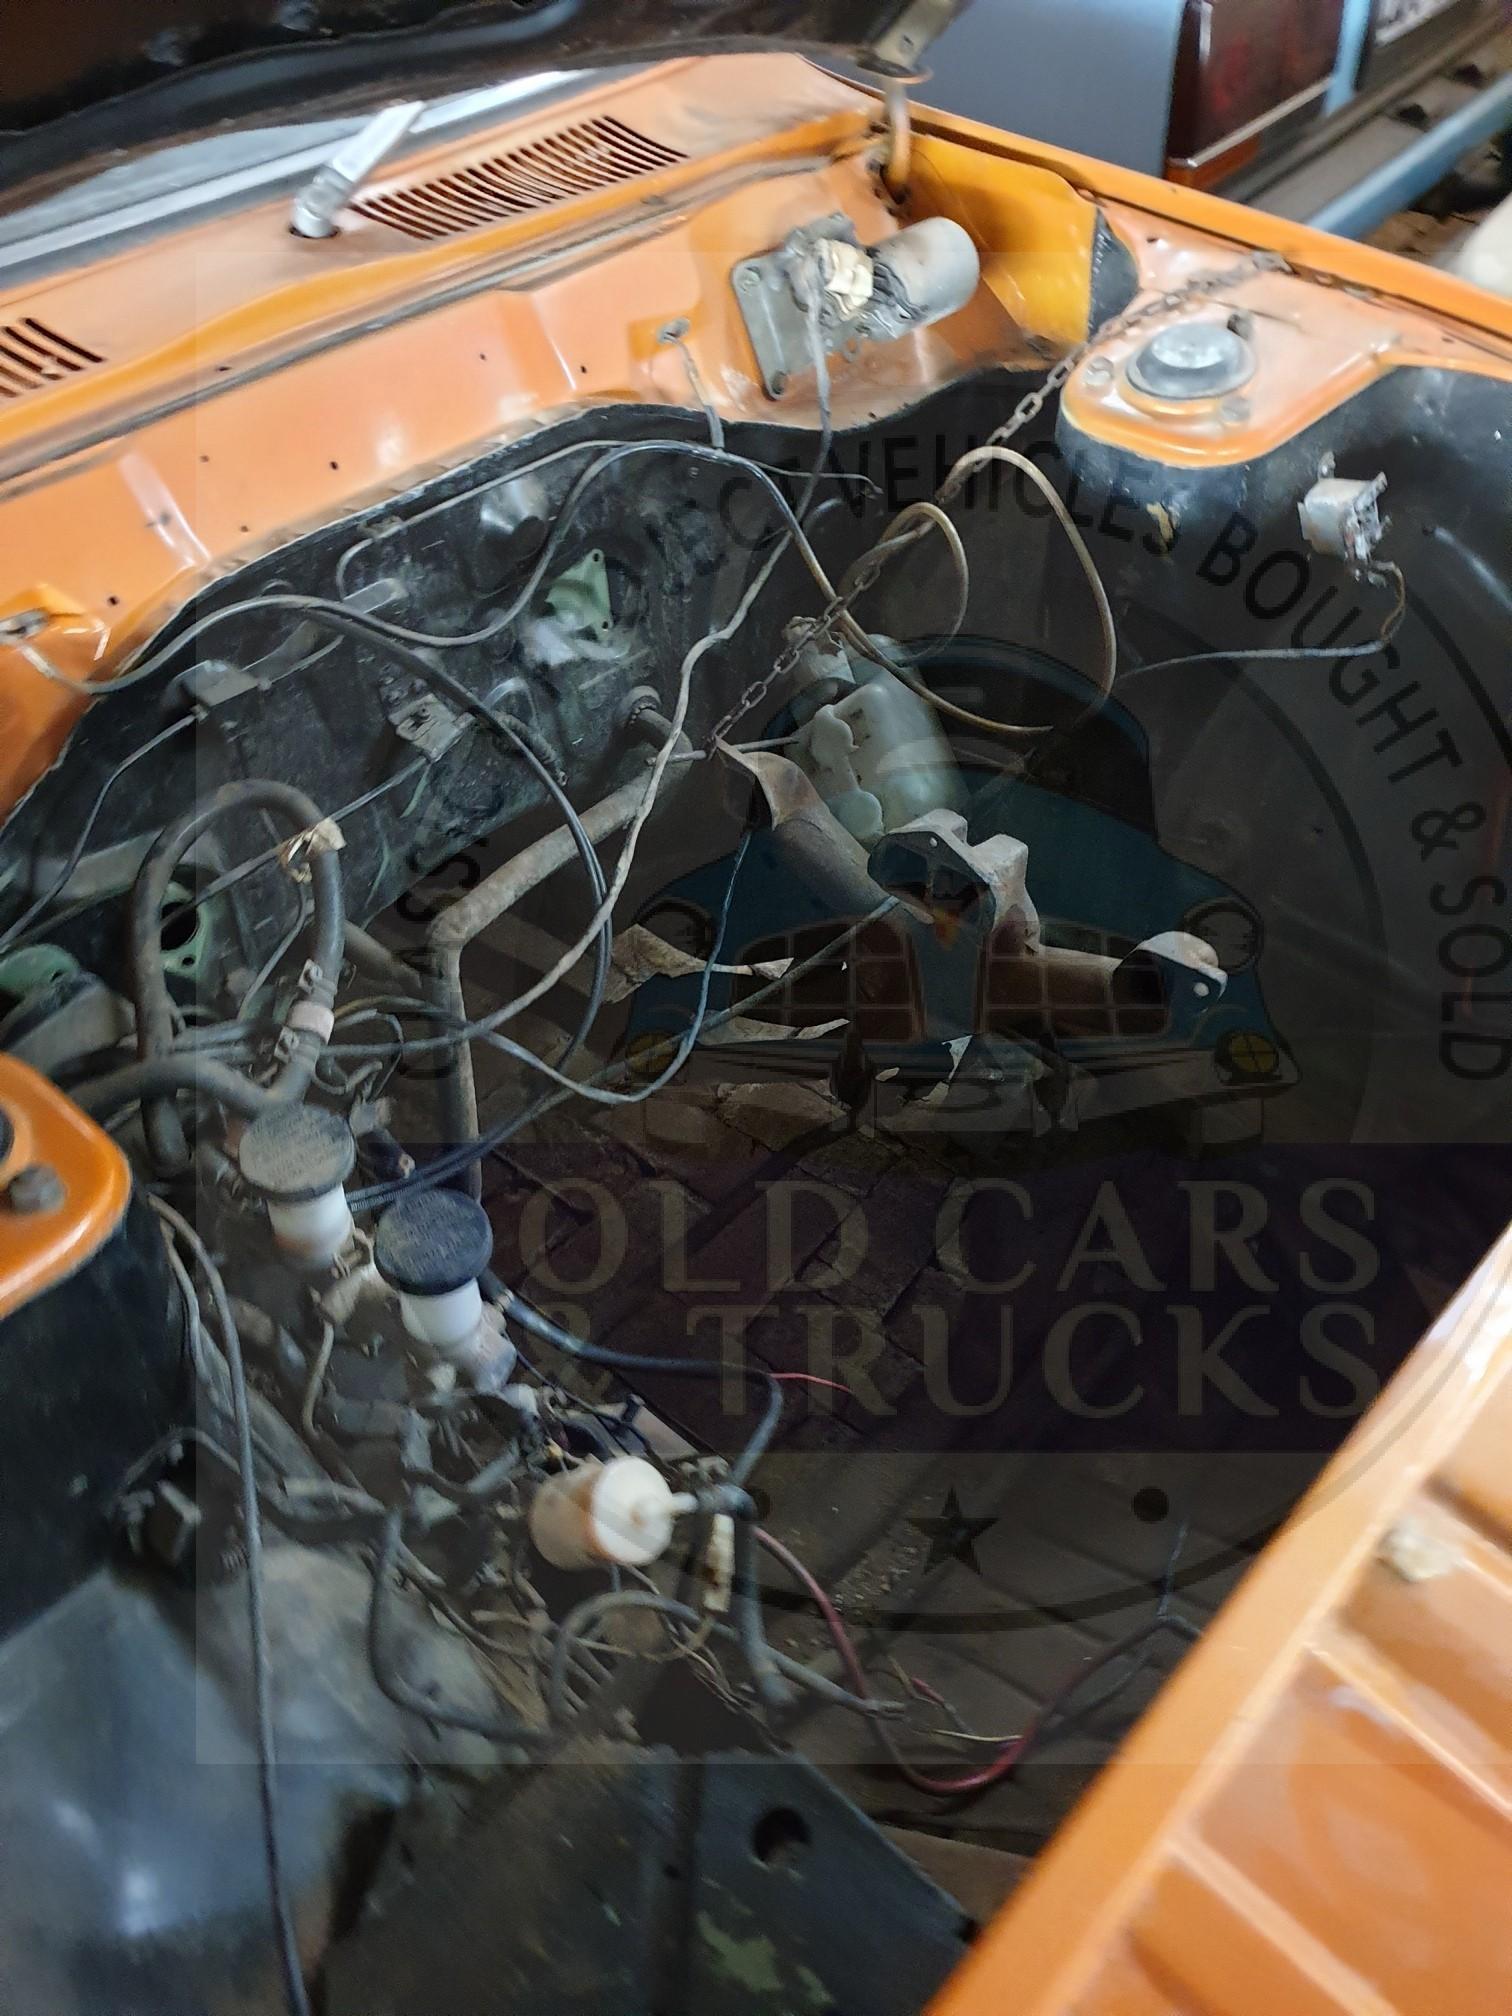 Datsun 140y Body on wheels , project